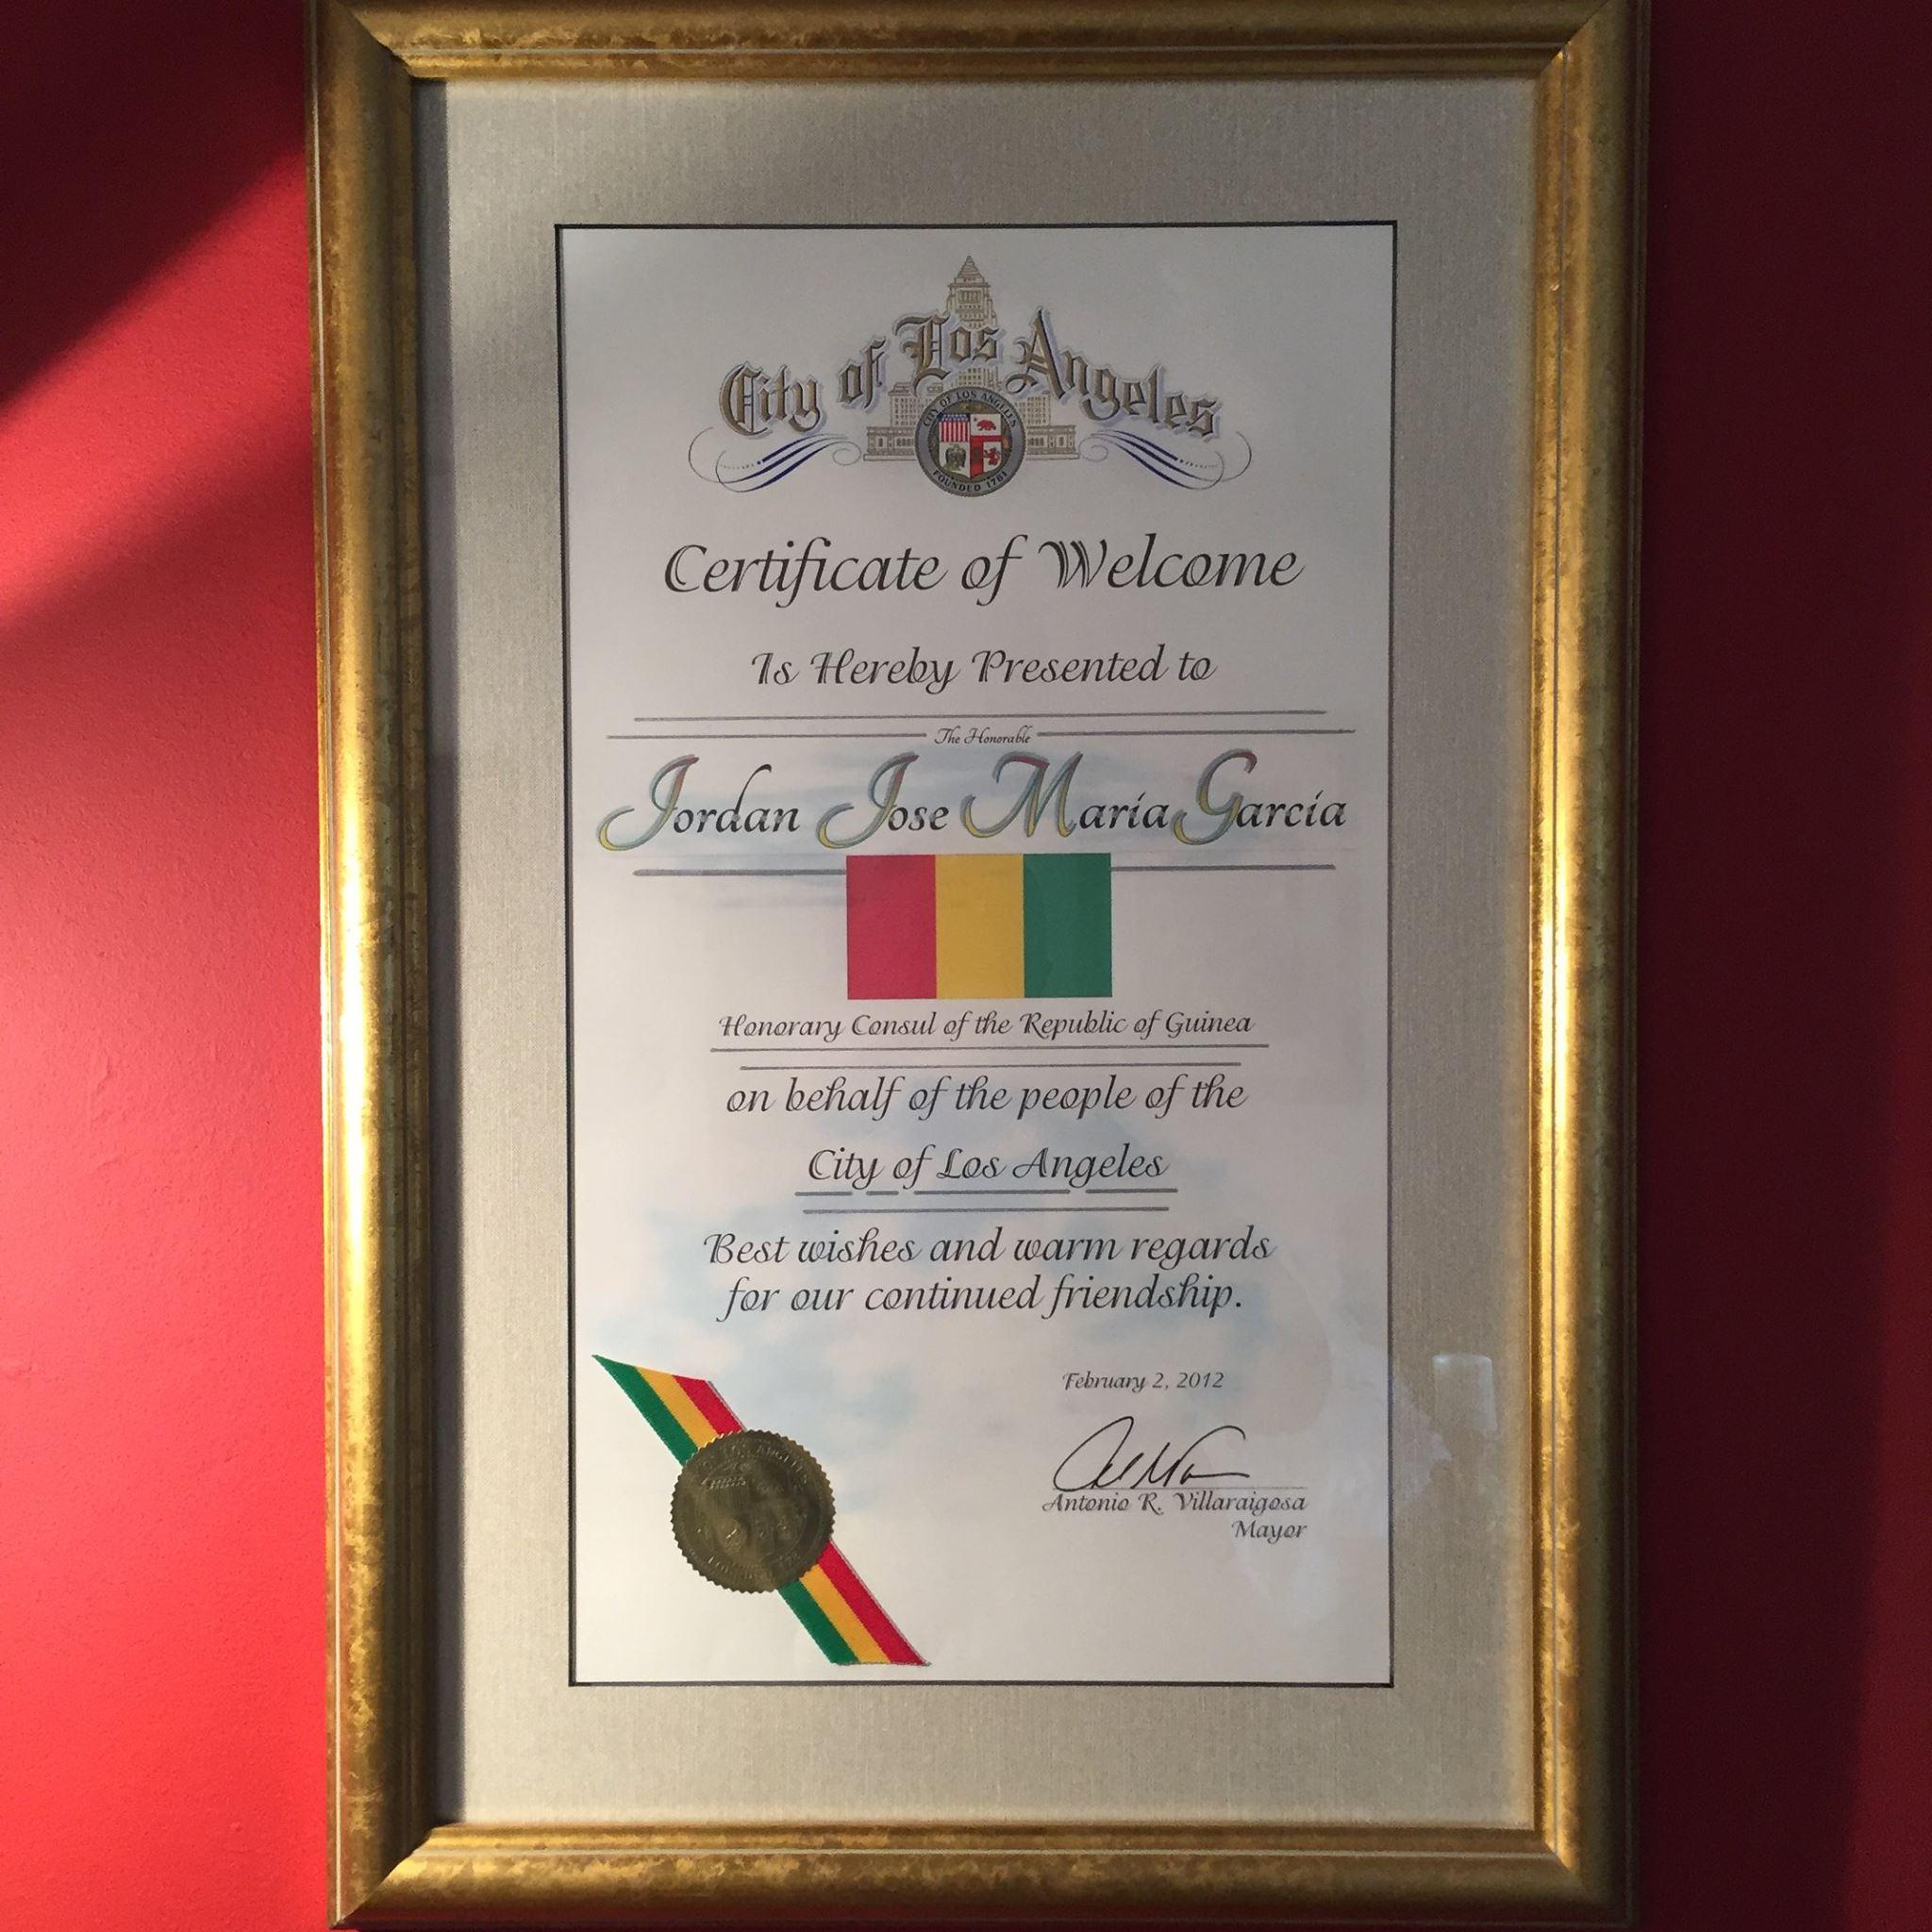 - Le 2 Février 2012, le Consul Honoraire de la République de Guinée pour l'Etat de la Californie l'Honorable Jordan Garcia recevait des mains du Maire de Los Angeles le fameux Certificat de Bienvenu de la Ville de Los Angeles, pour la première fois la République de Guinée était représentée dans l'Etat de la Californie